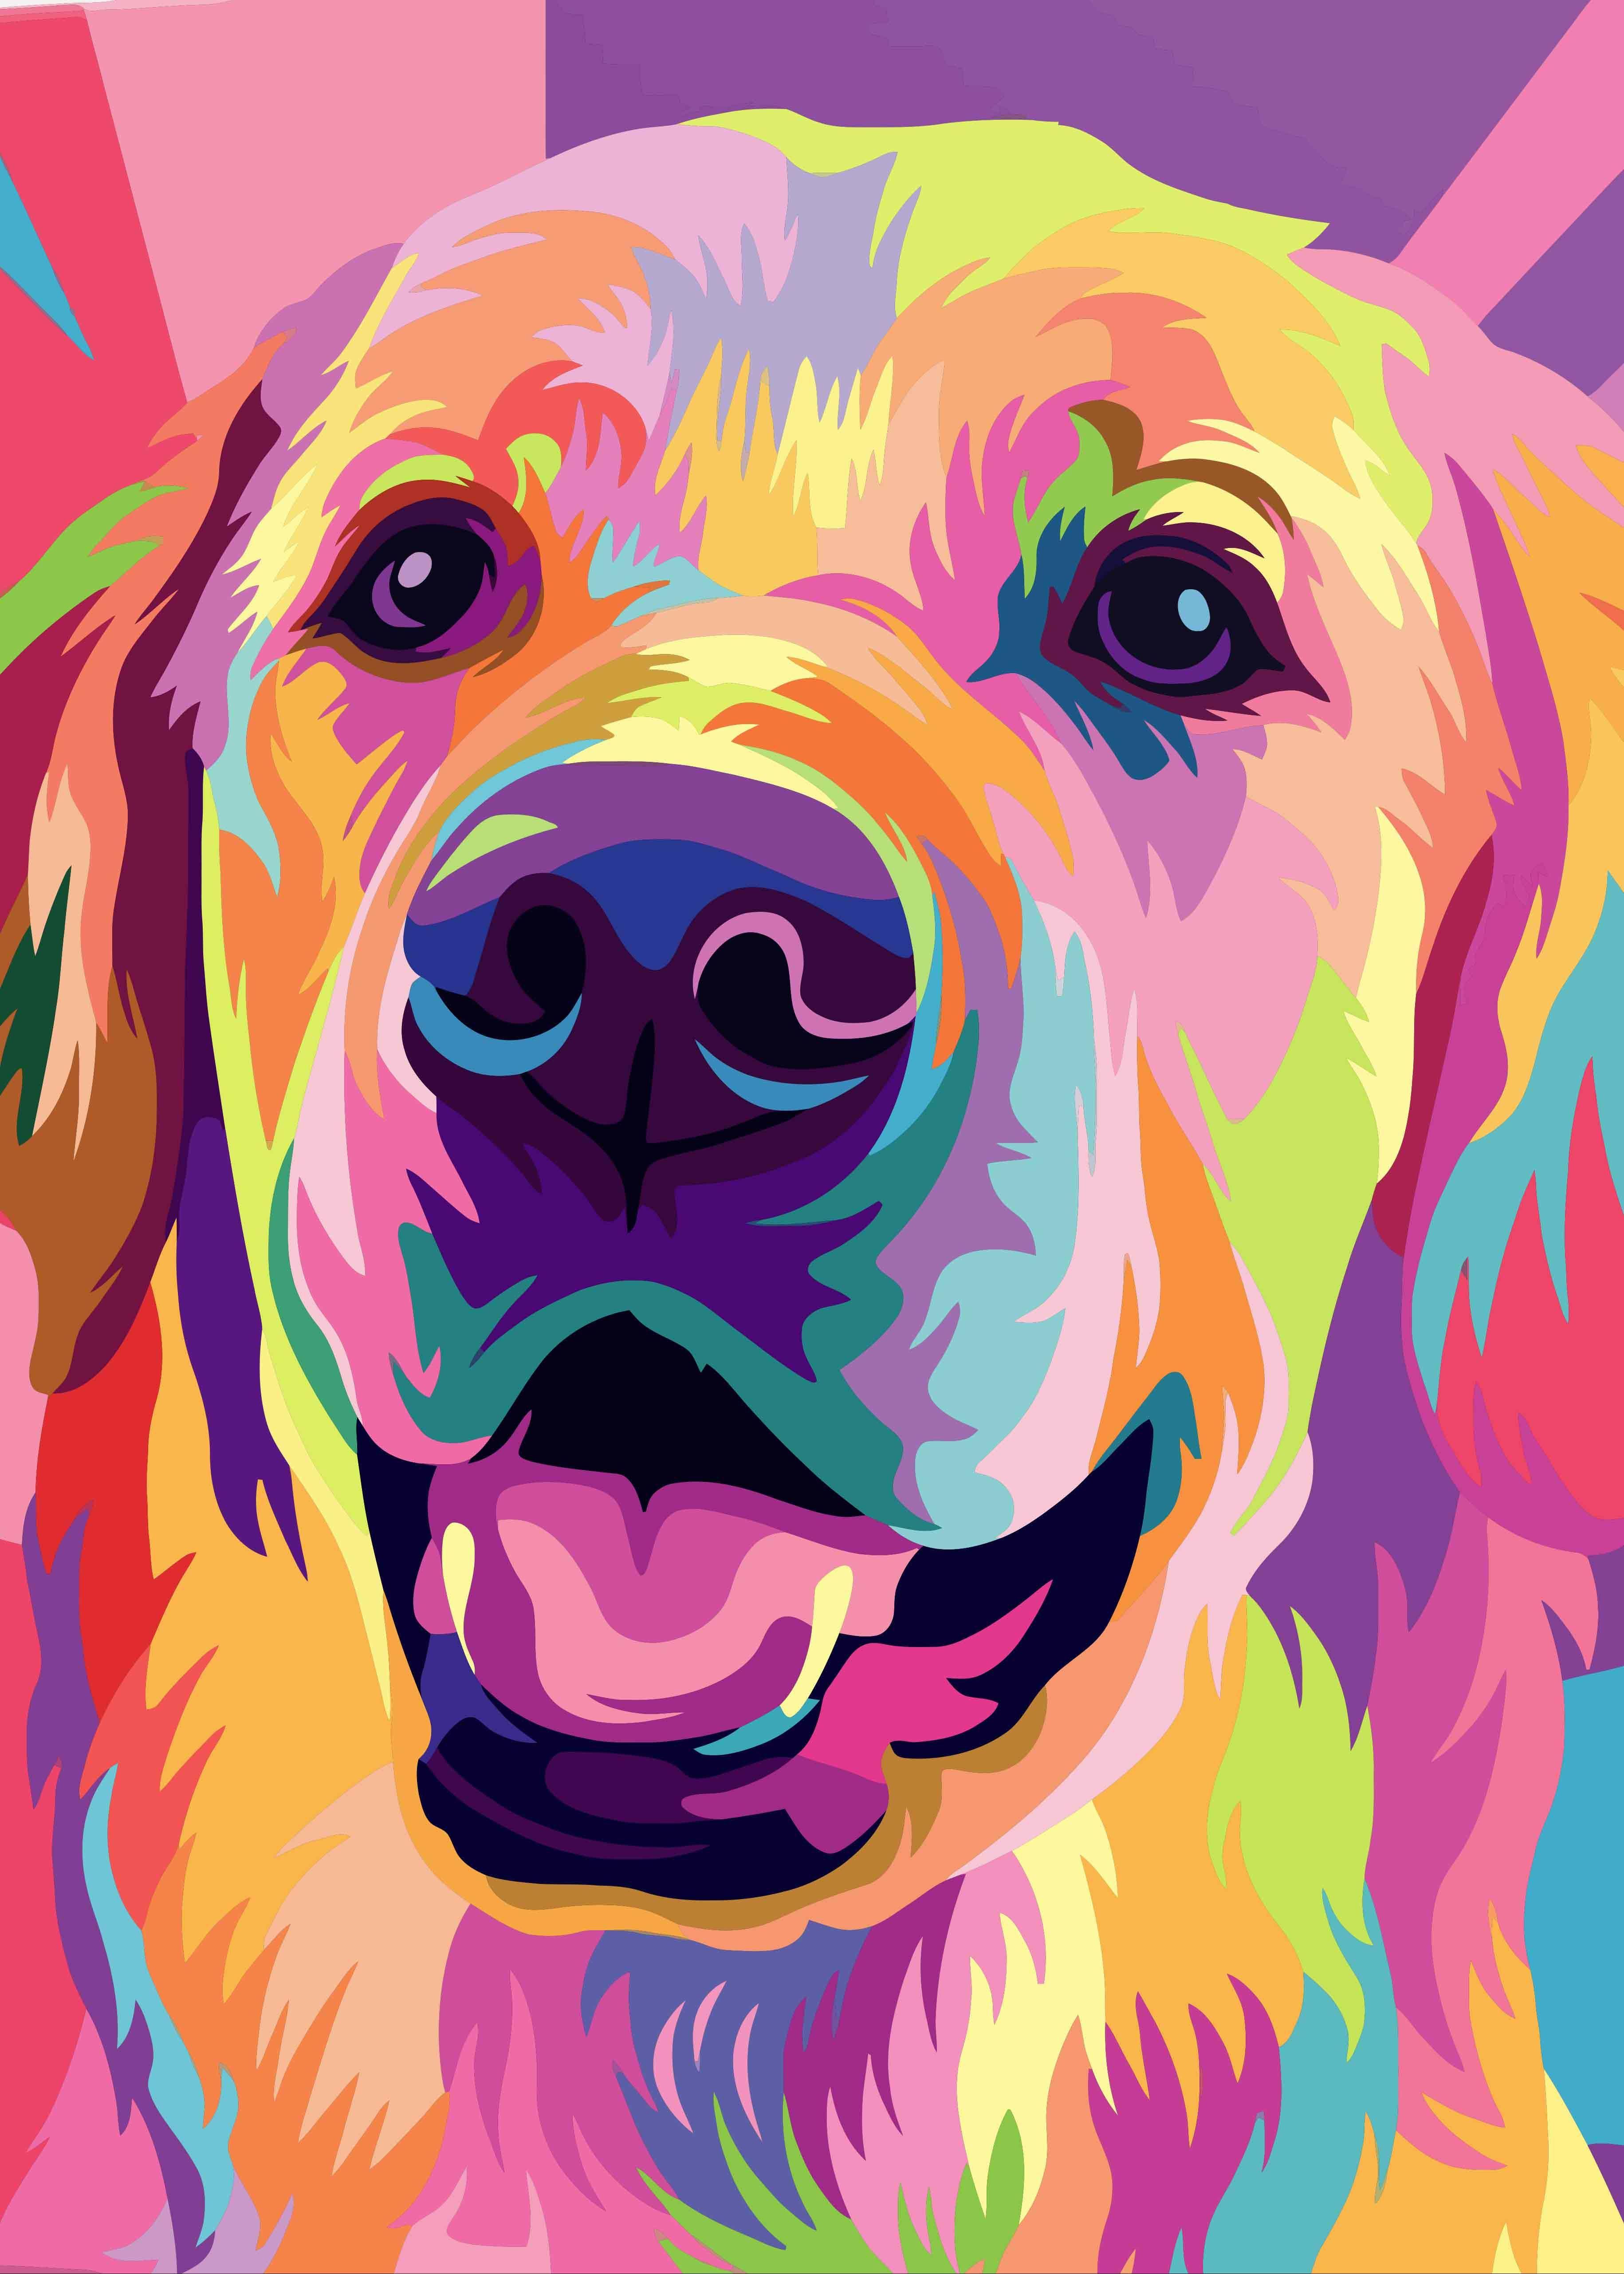 Golden Retriever Art Golden Retriever Dog art art retriever print print dog print dog dog wall art retriever art dog lover retriever paintin